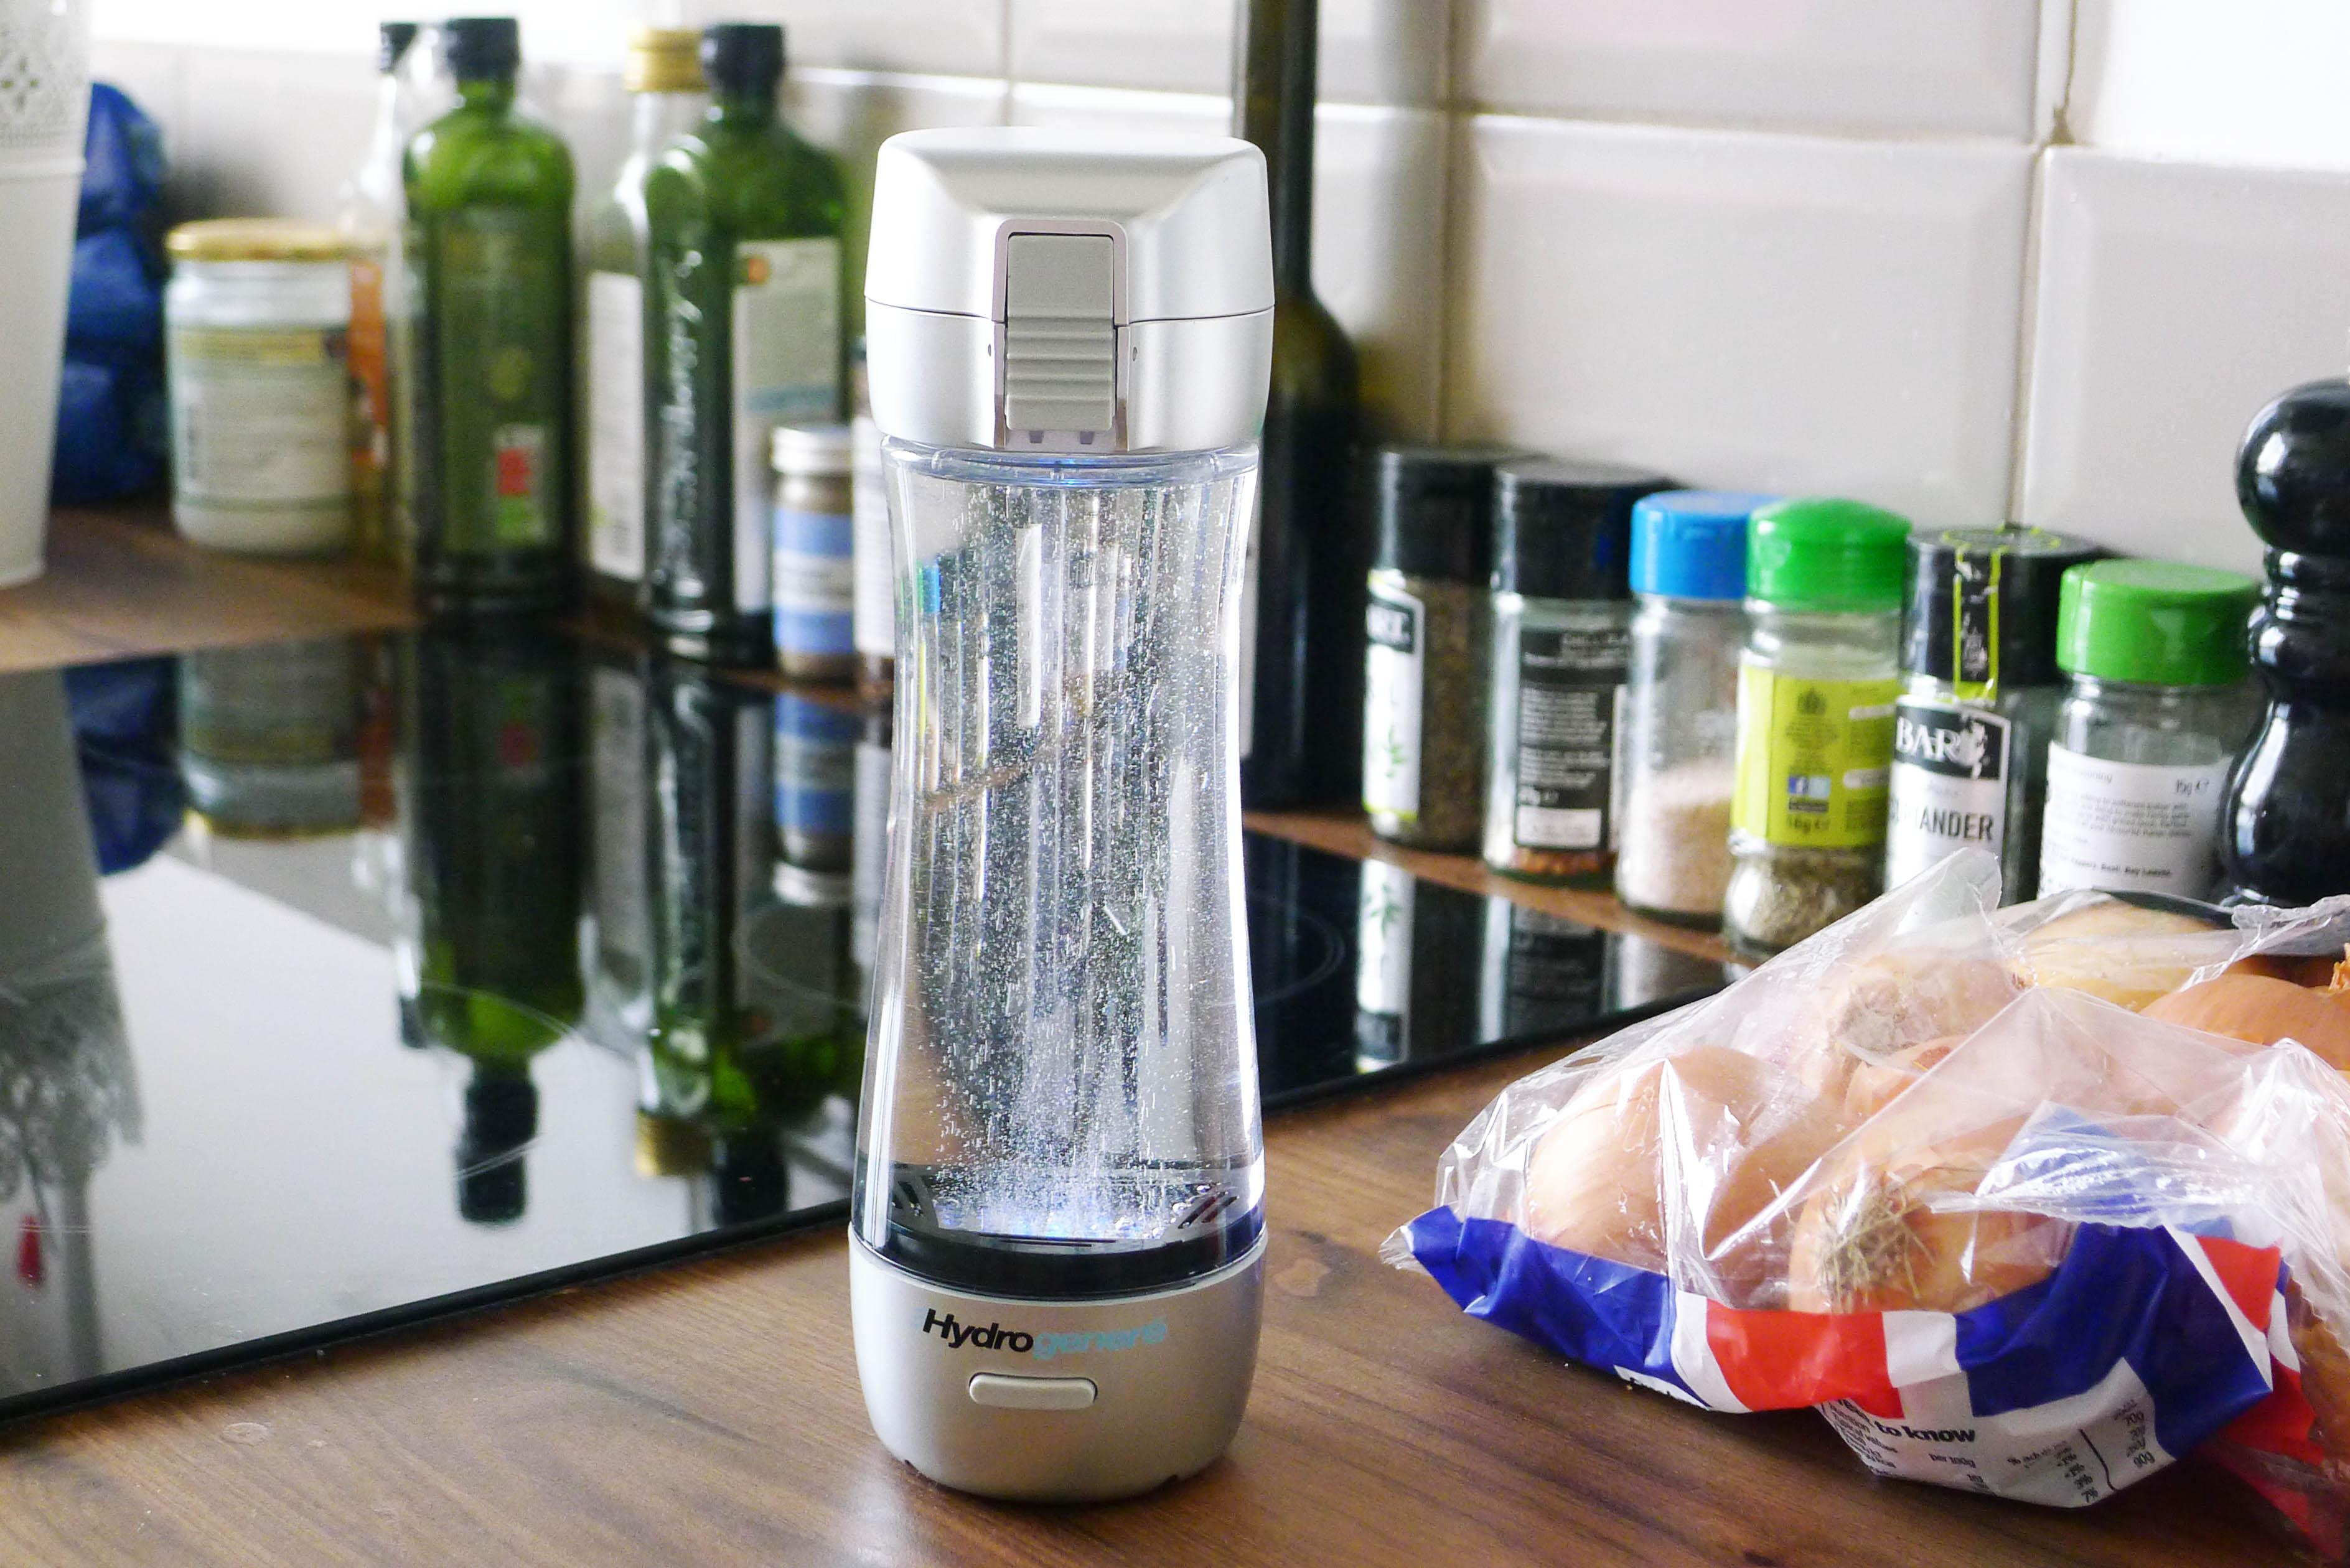 17116a5e75 Hydrogeneré Portable Hydrogen Water Generator (Hydrogen Bottle ...